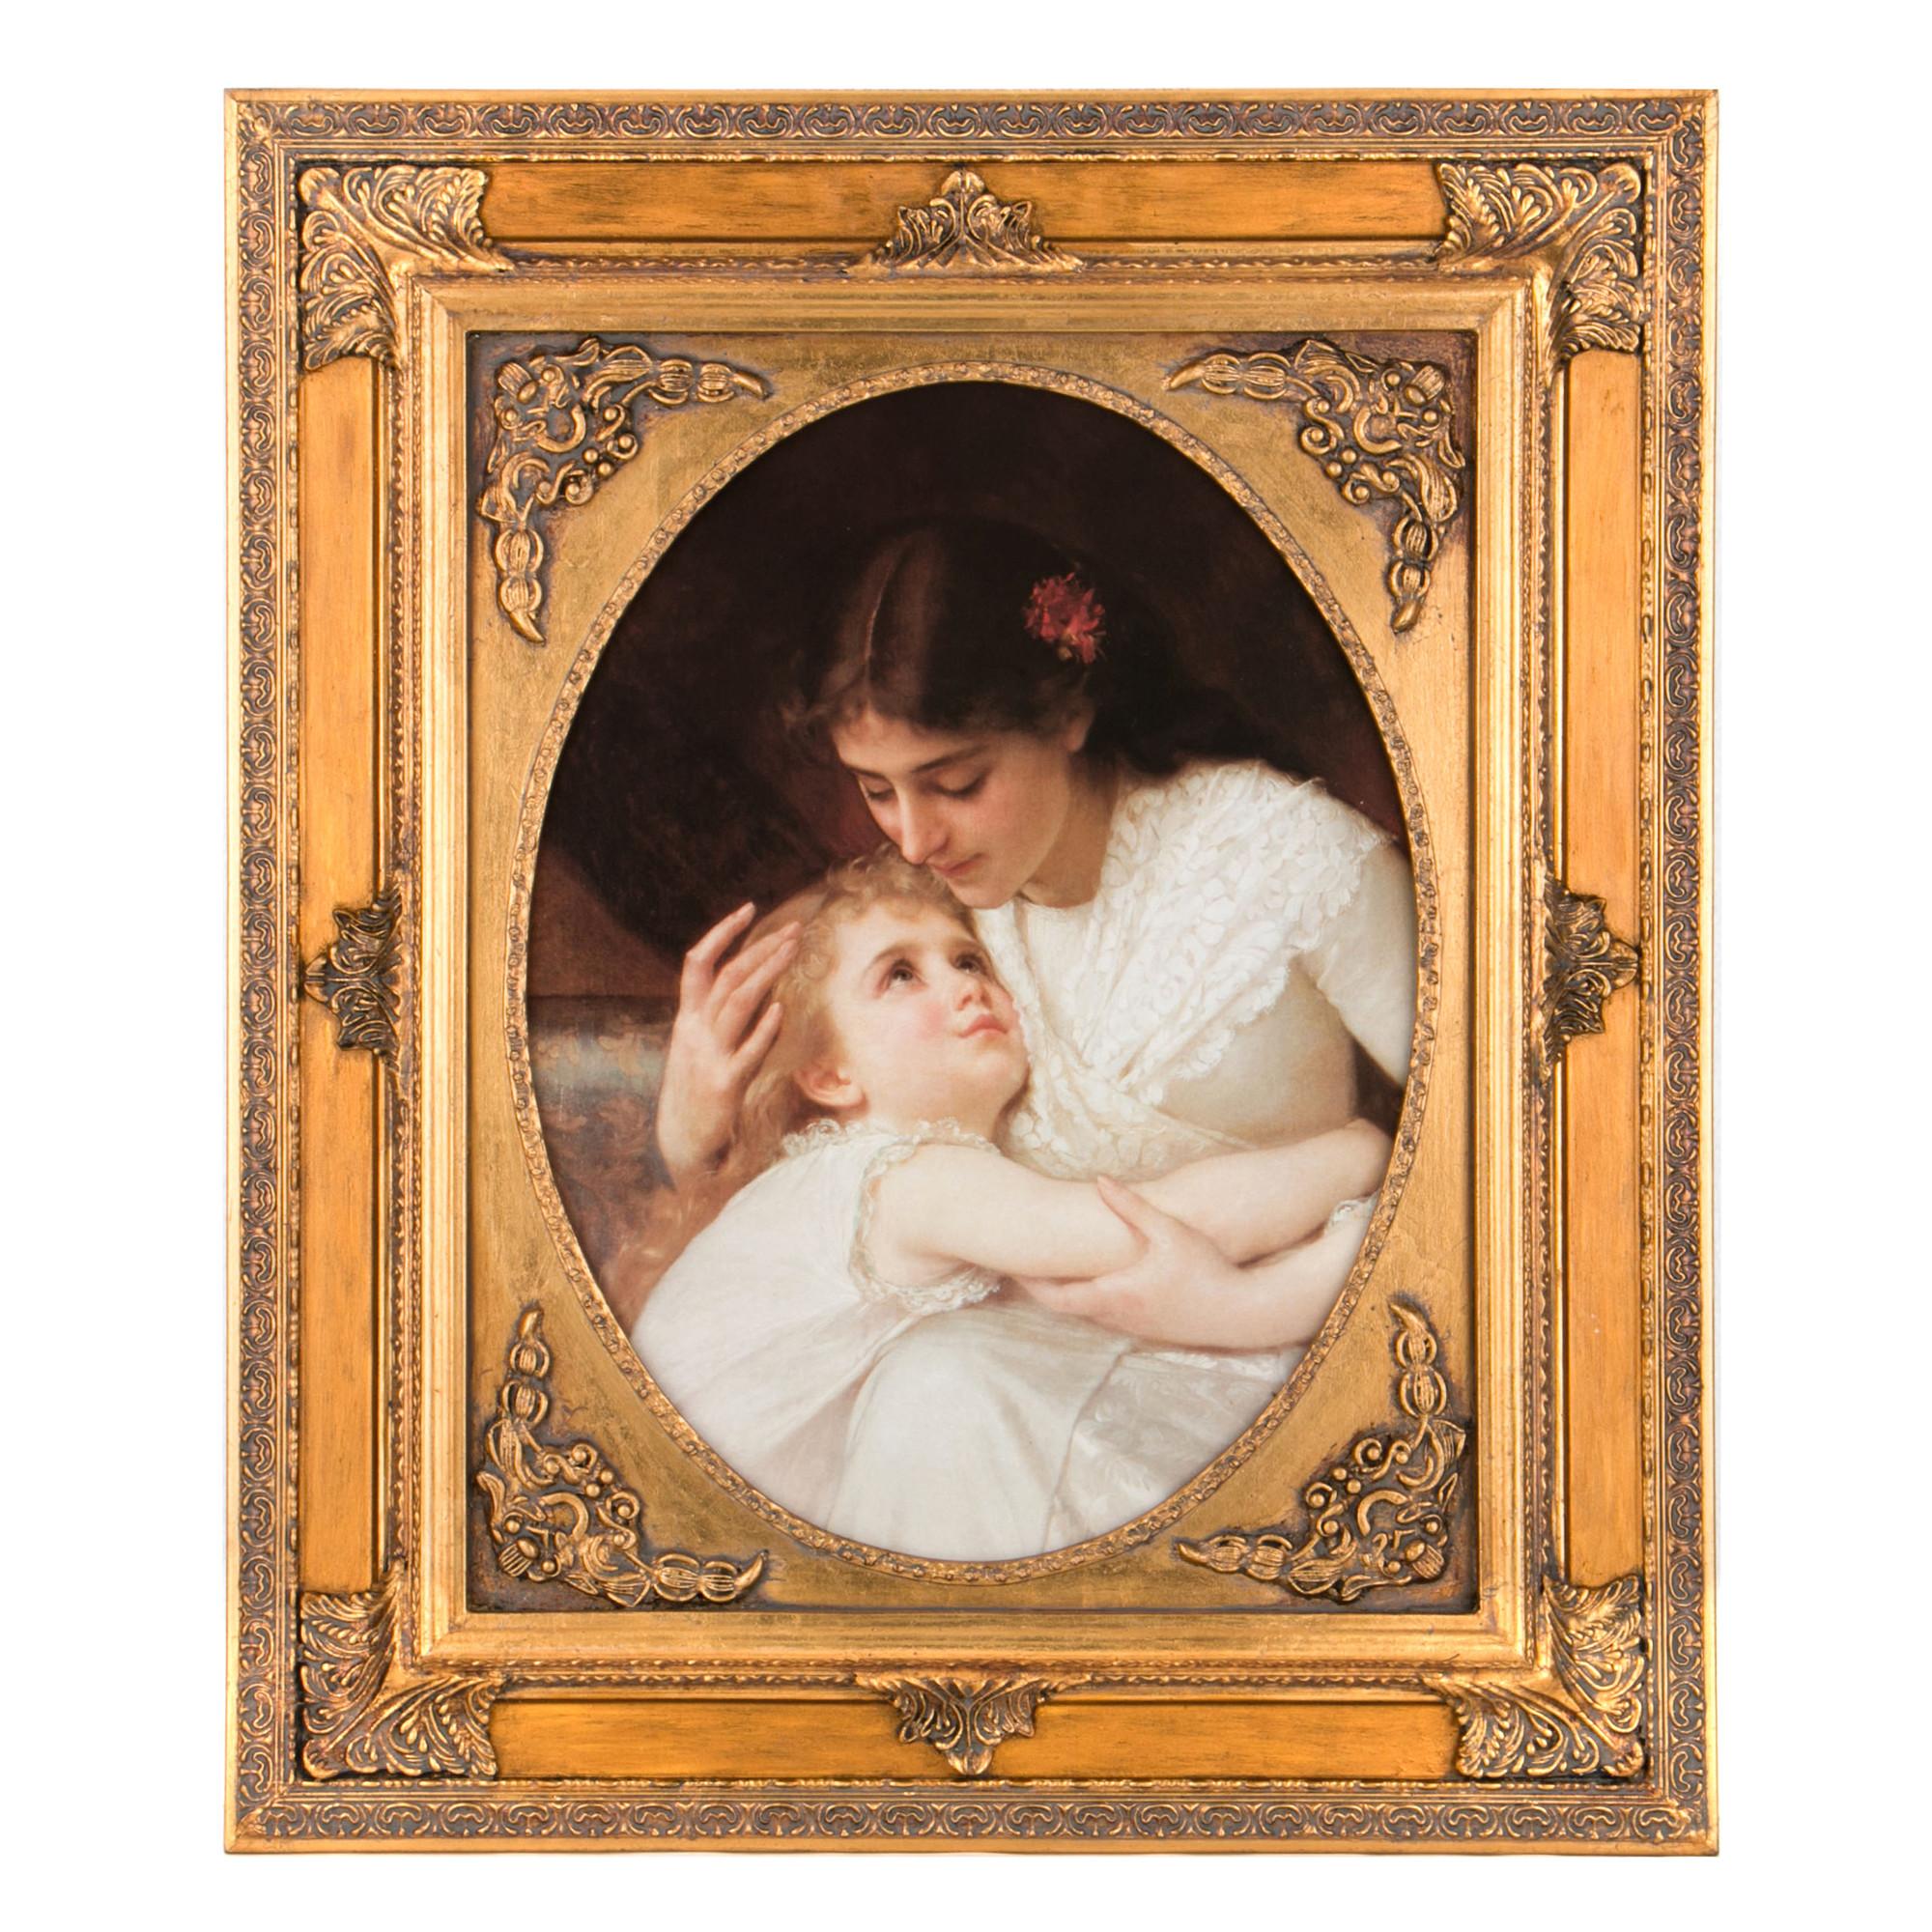 Купить Картины, постеры, гобелены, панно F.A.L, Картина Beelzebub (63х73 см), Италия, Белый, Коричневый, Дерево, Бумага